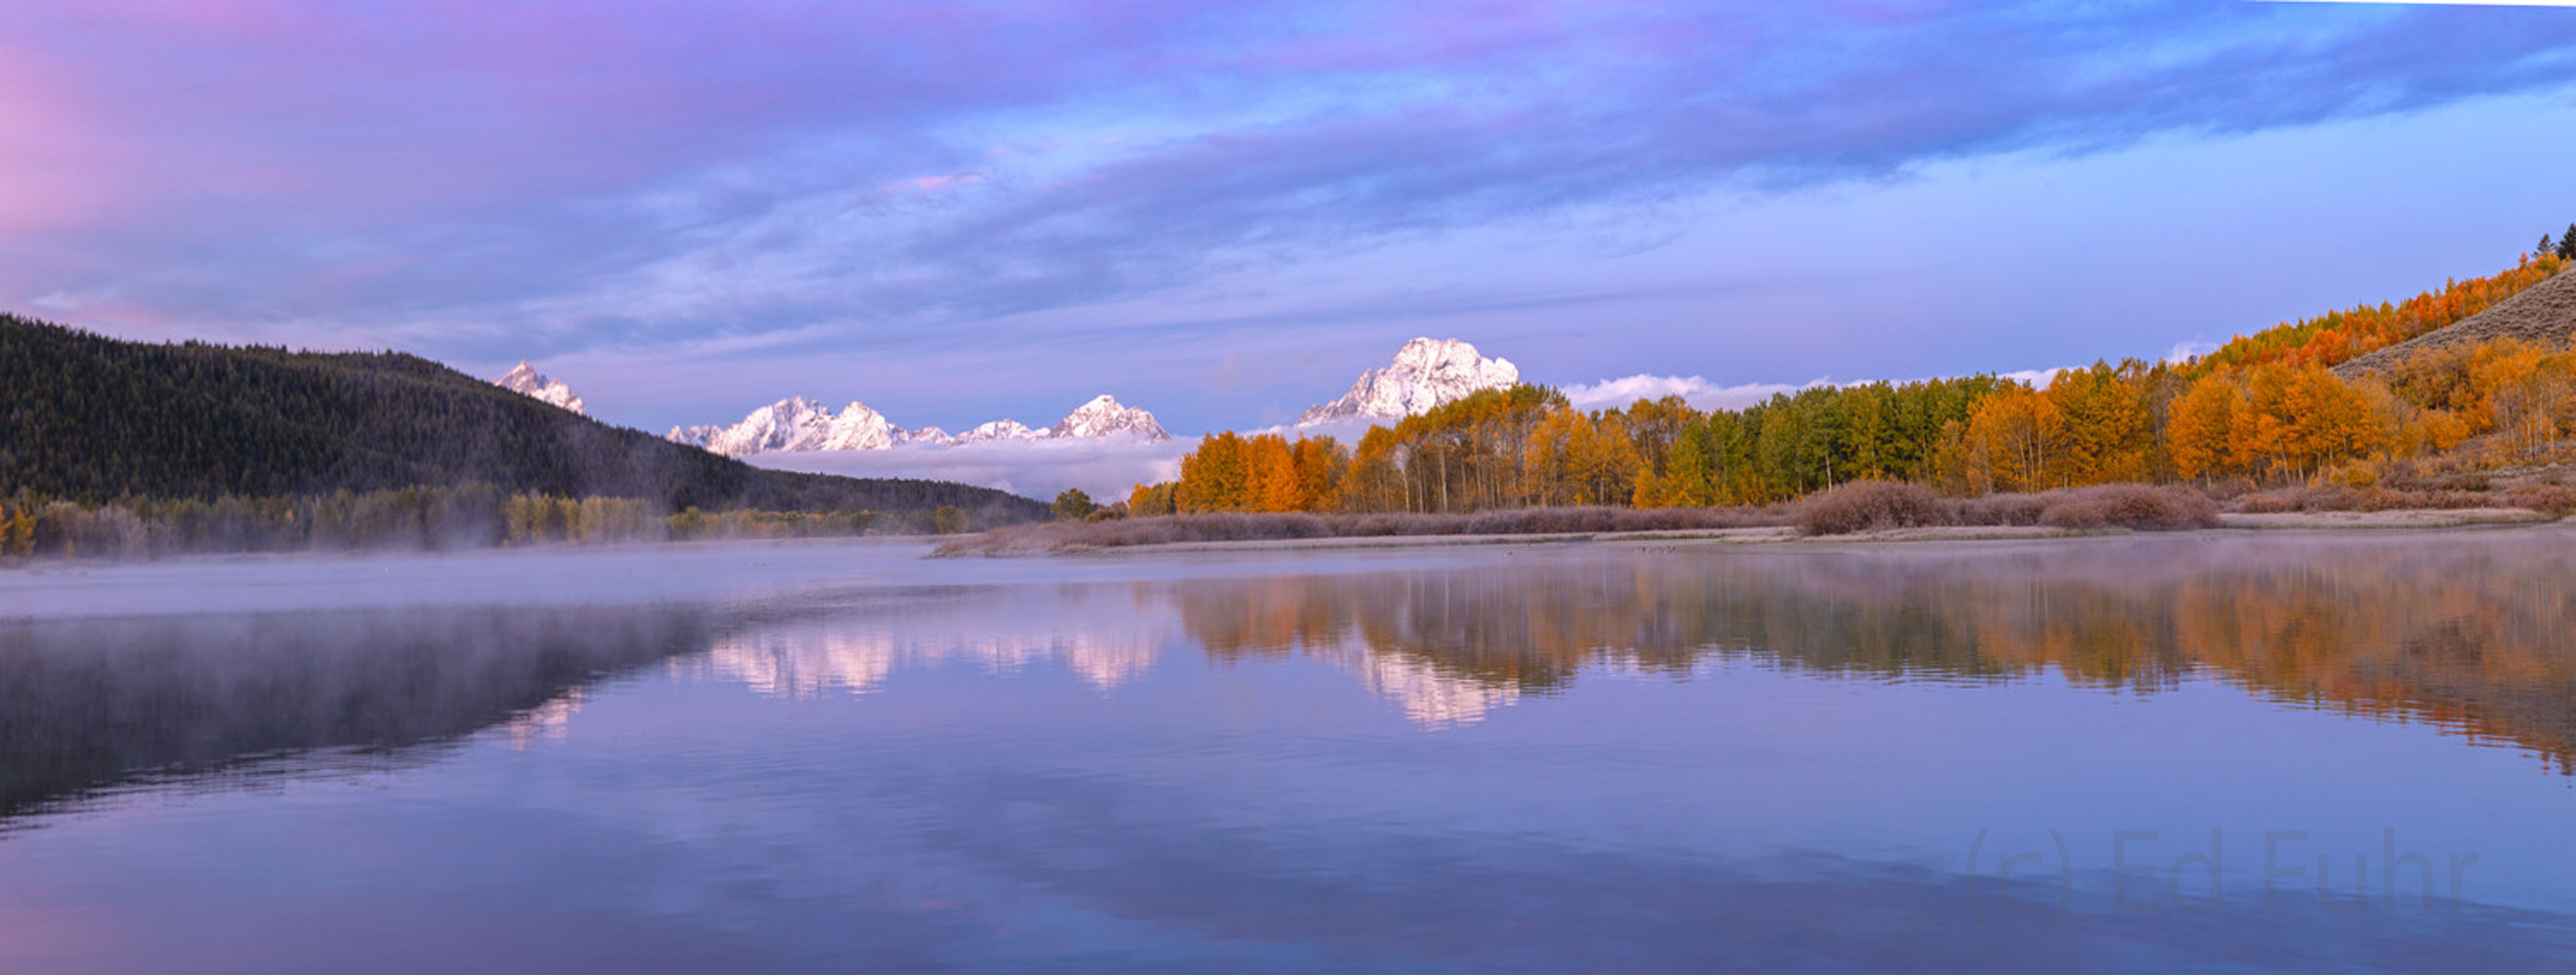 panorama, oxbow bend, autumn, Tetons, Grand Teton, photo